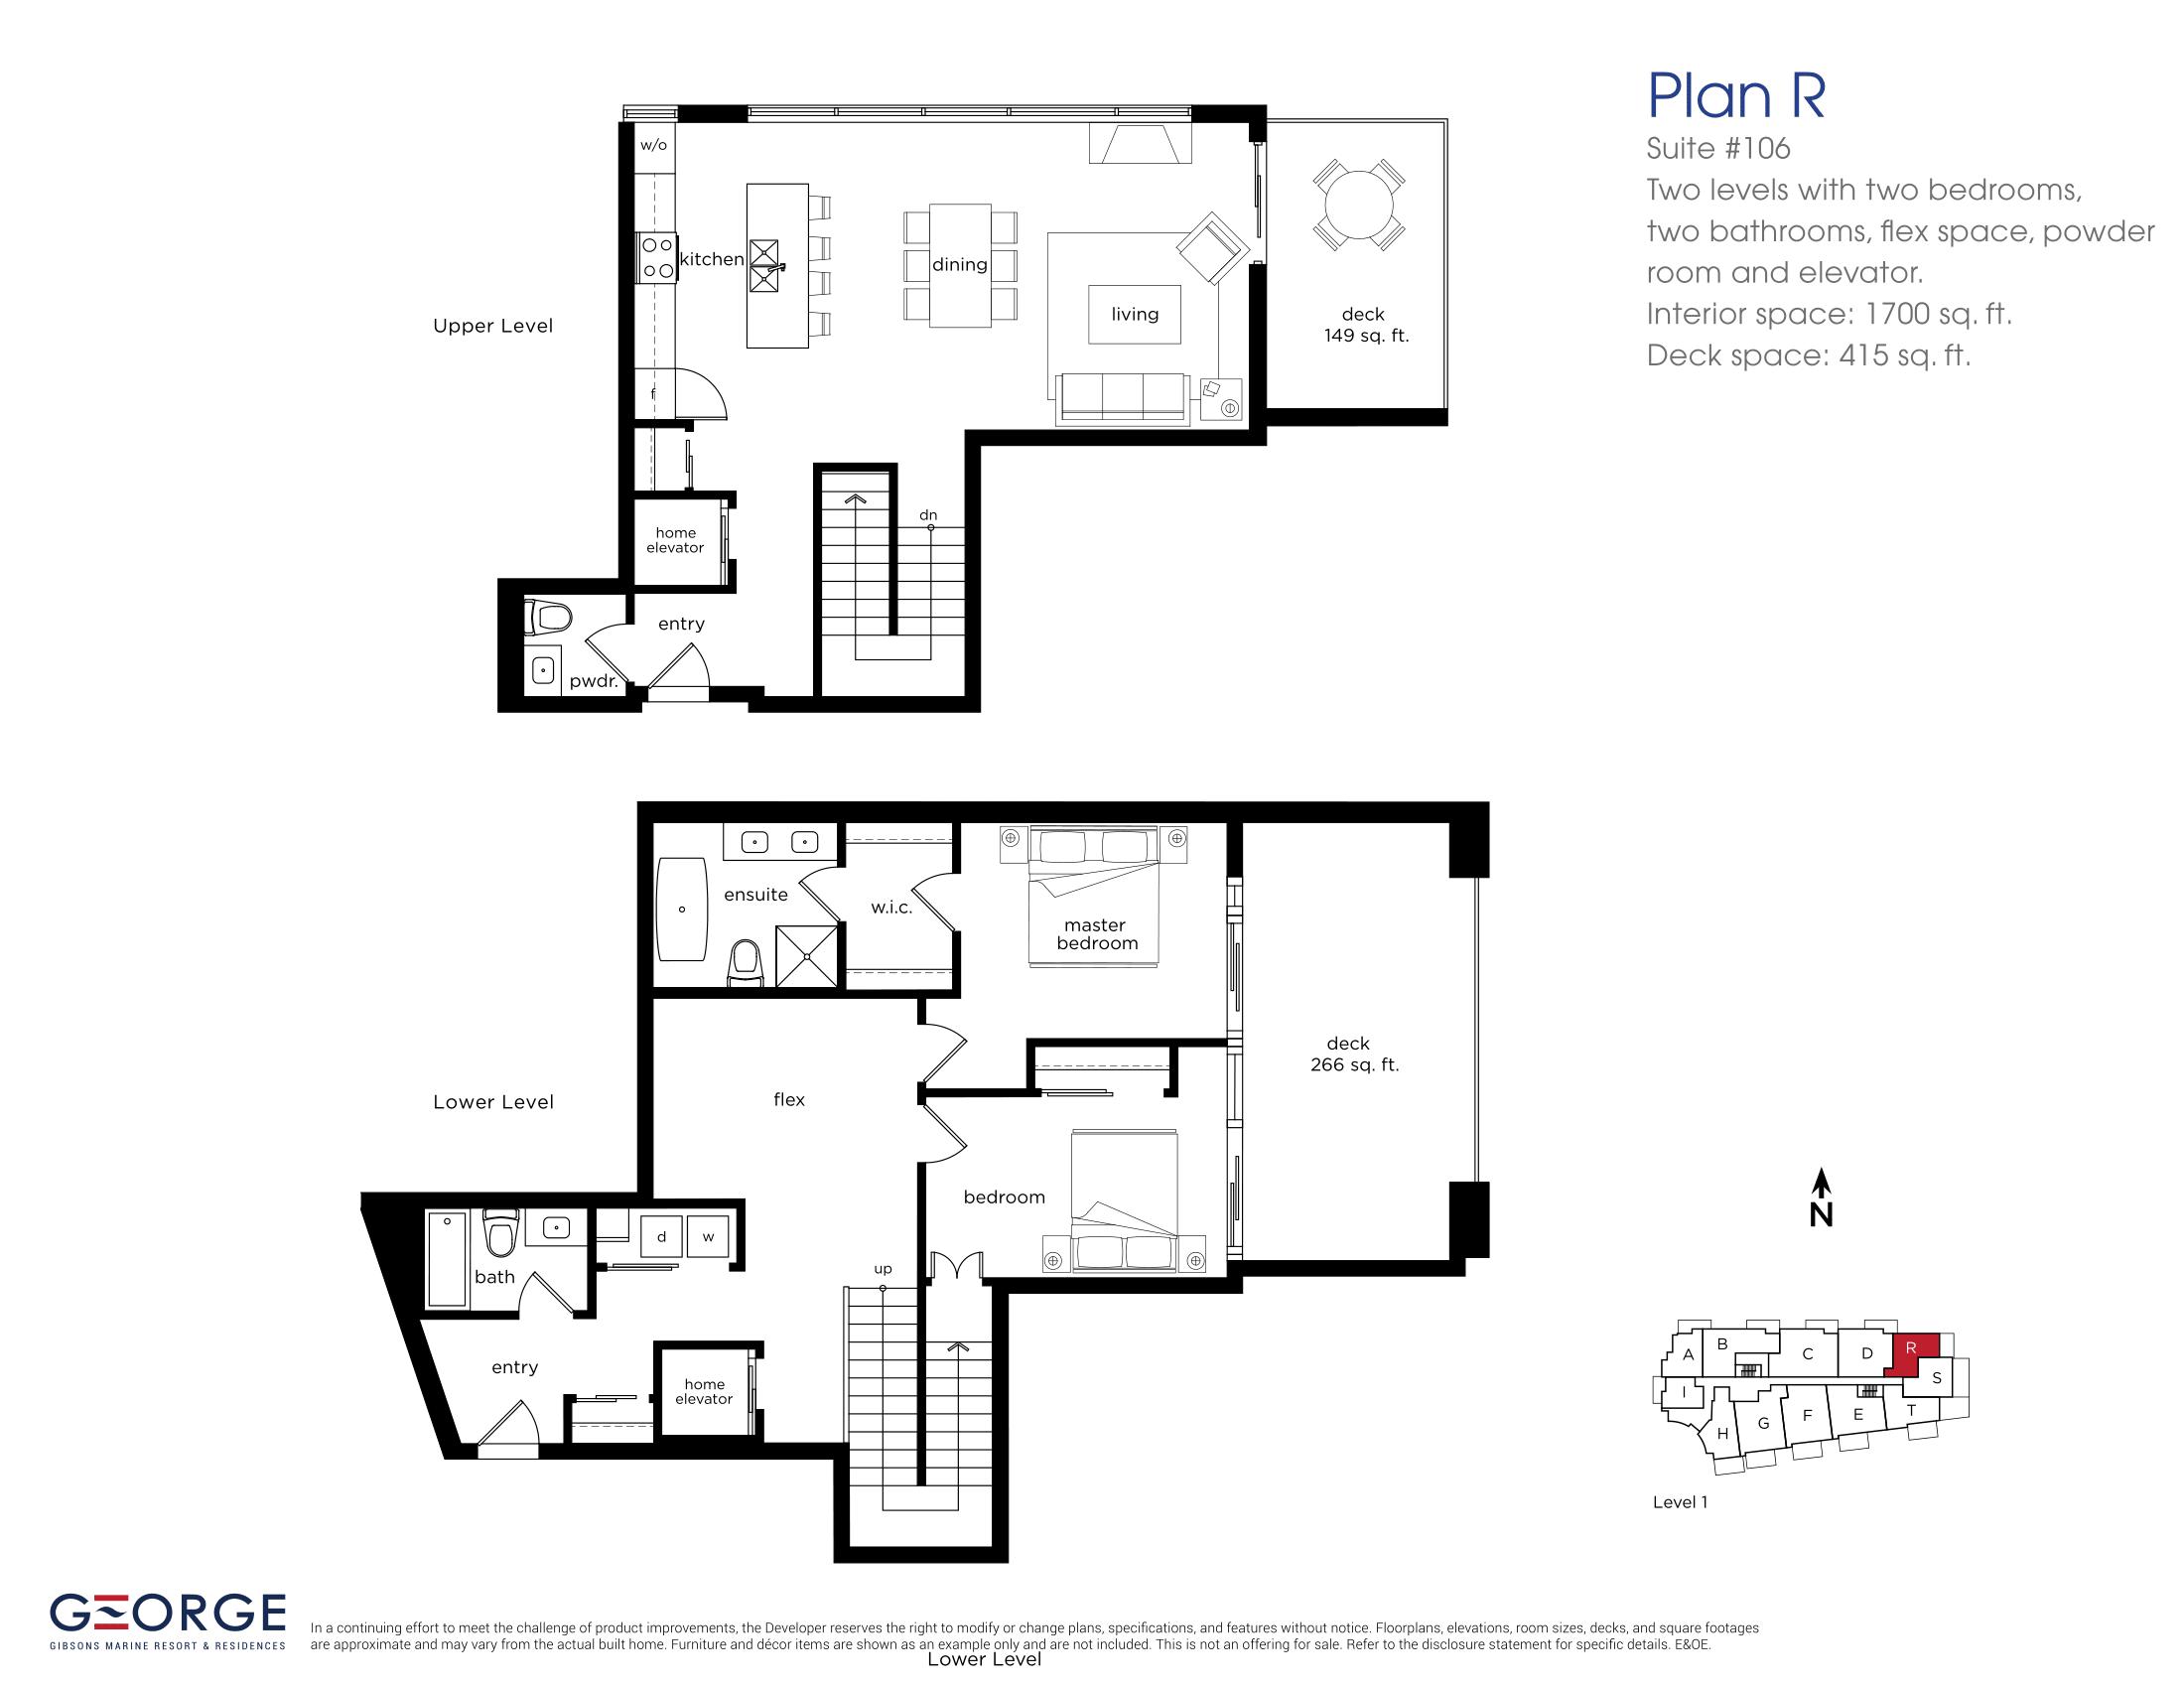 Plan R